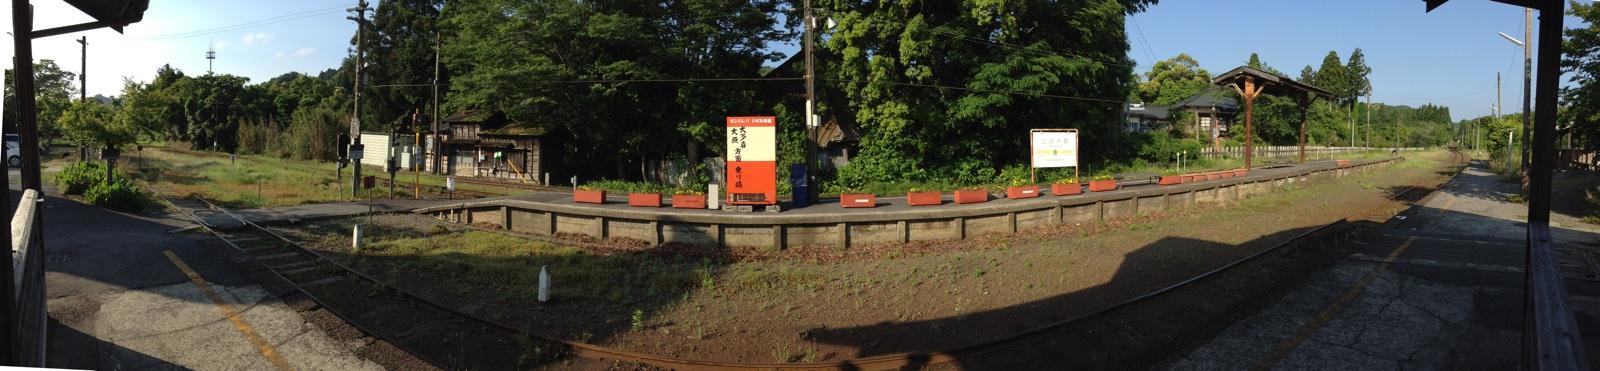 左からいすみ鉄道、右から小湊鐵道の線路が来る上総中野駅のホーム